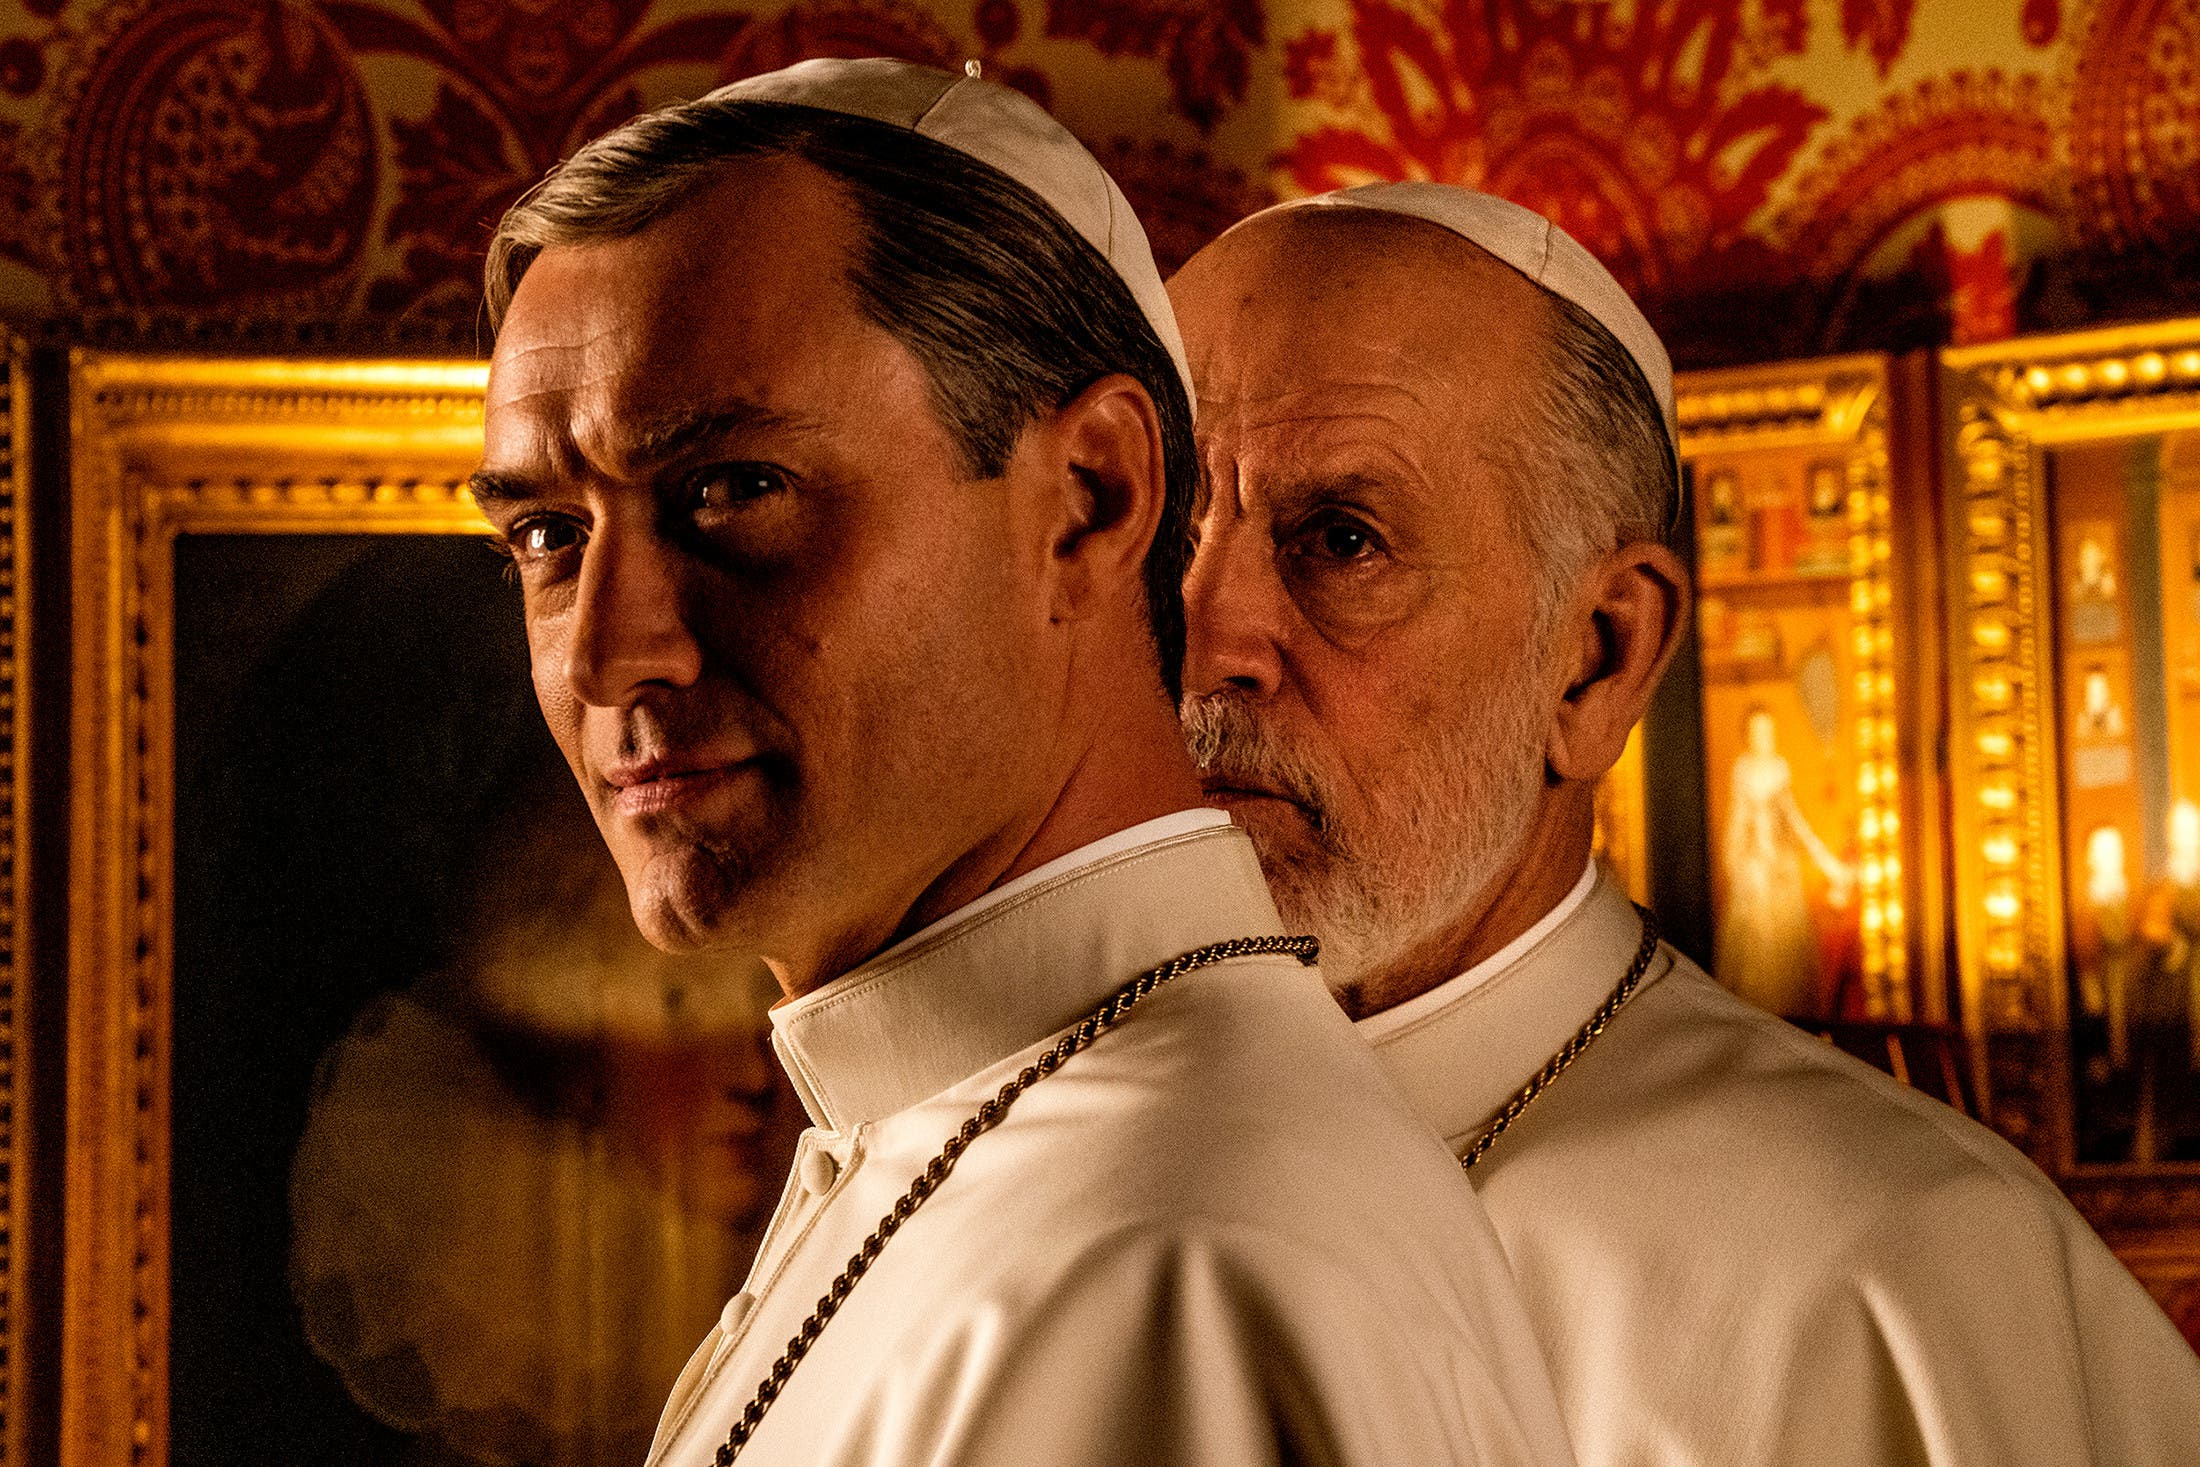 NEU: The New Pope (2020) Sündenpfuhl Vatikan: Nach «The Young Pope» führt Paolo Sorrentino die Ränkespiele fort – poppig, crazy, sarkastisch. Keiner inszeniert Rom so wie er für Sky Atlantic, HBO, Canal+.